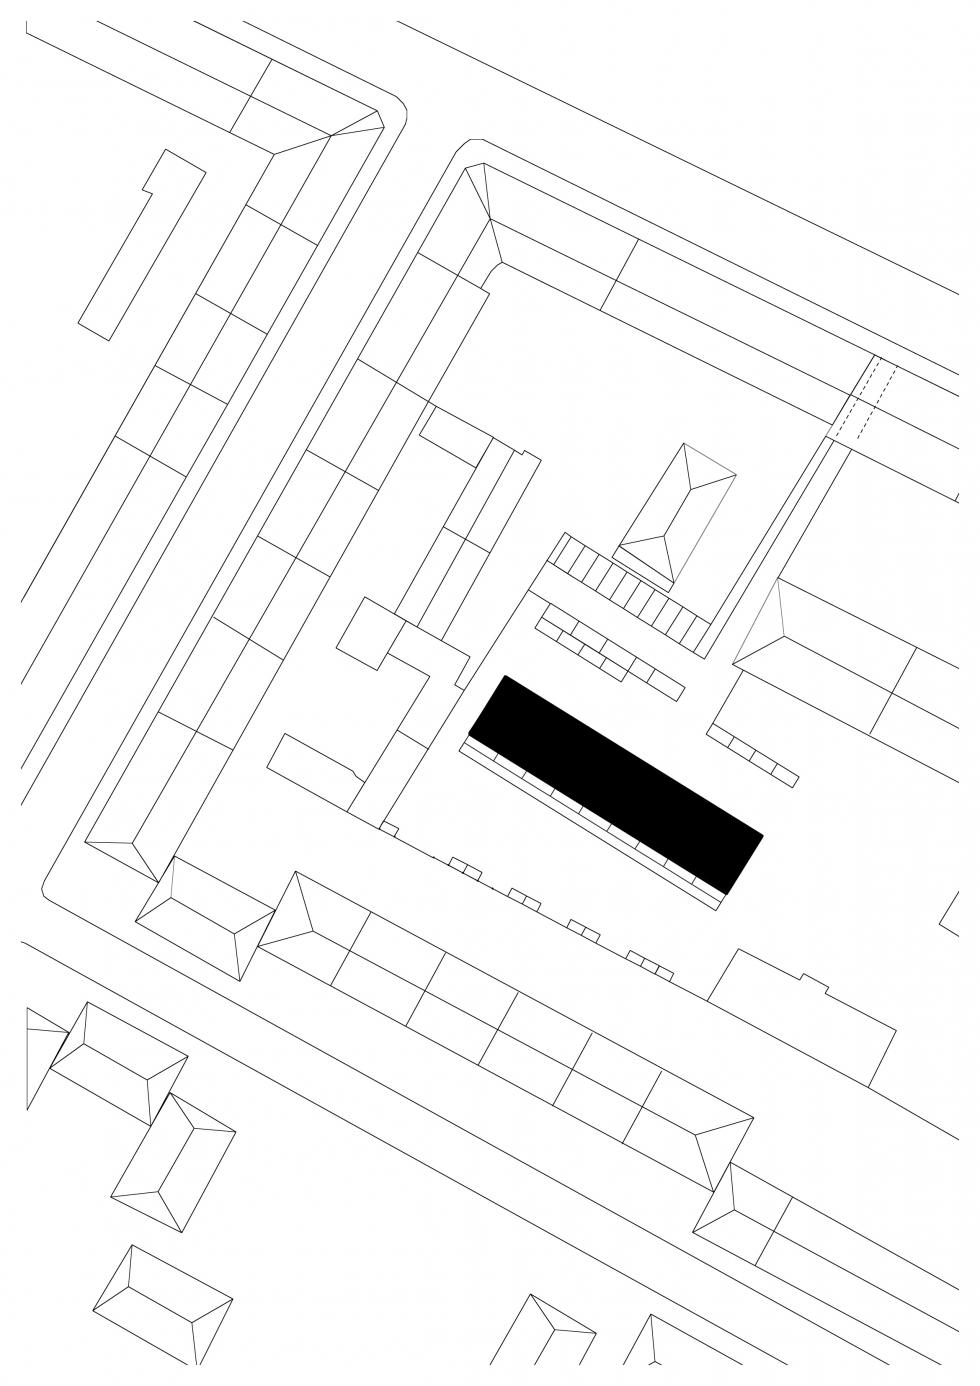 Stadthausprojekt Bischofsweg, Dresden